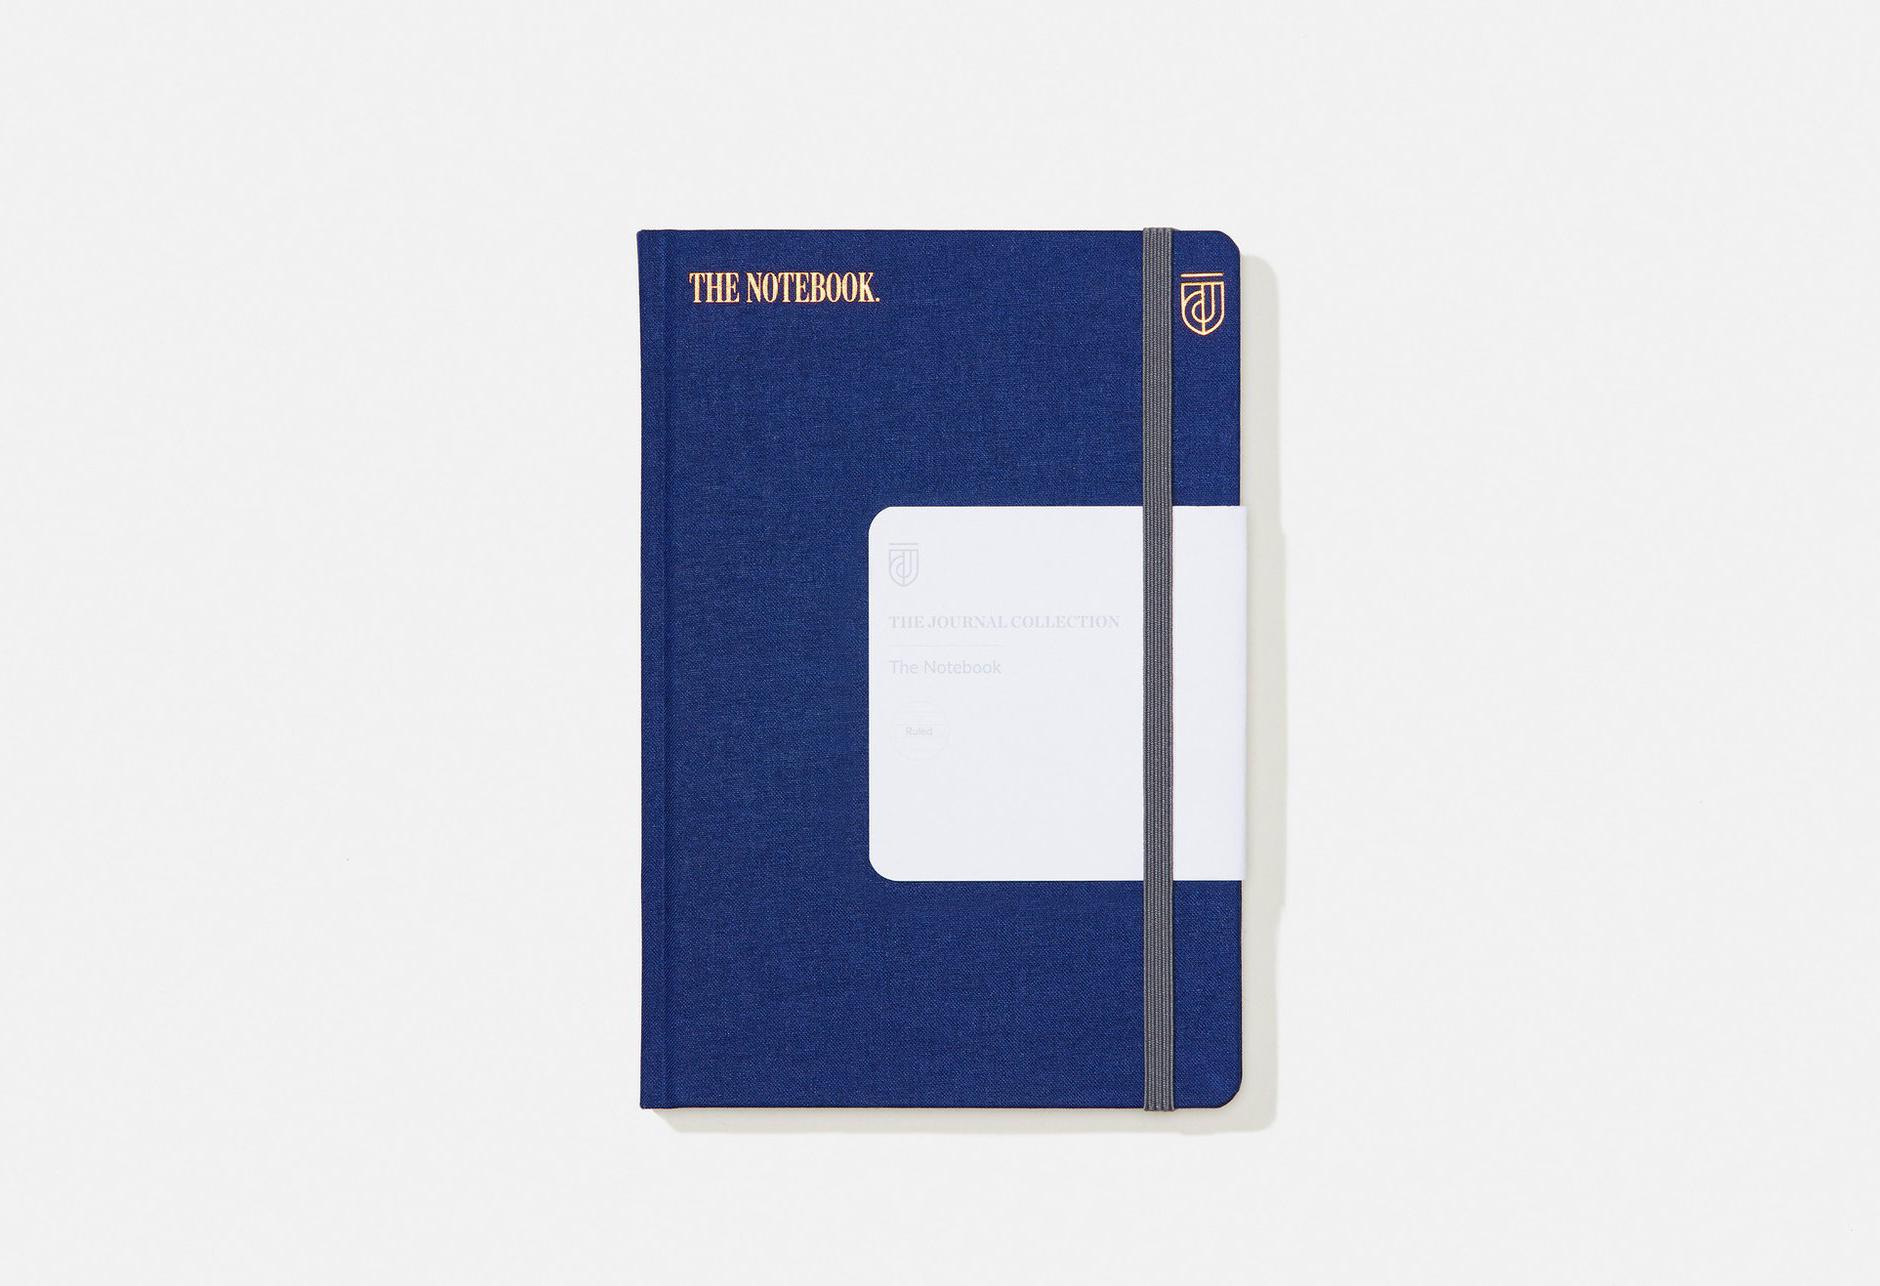 WSJ_Collection_Brandbook_01_TheNotebook_Blue_008_fffd980a-5652-4da2-a4c1-61f96315b138_2000x